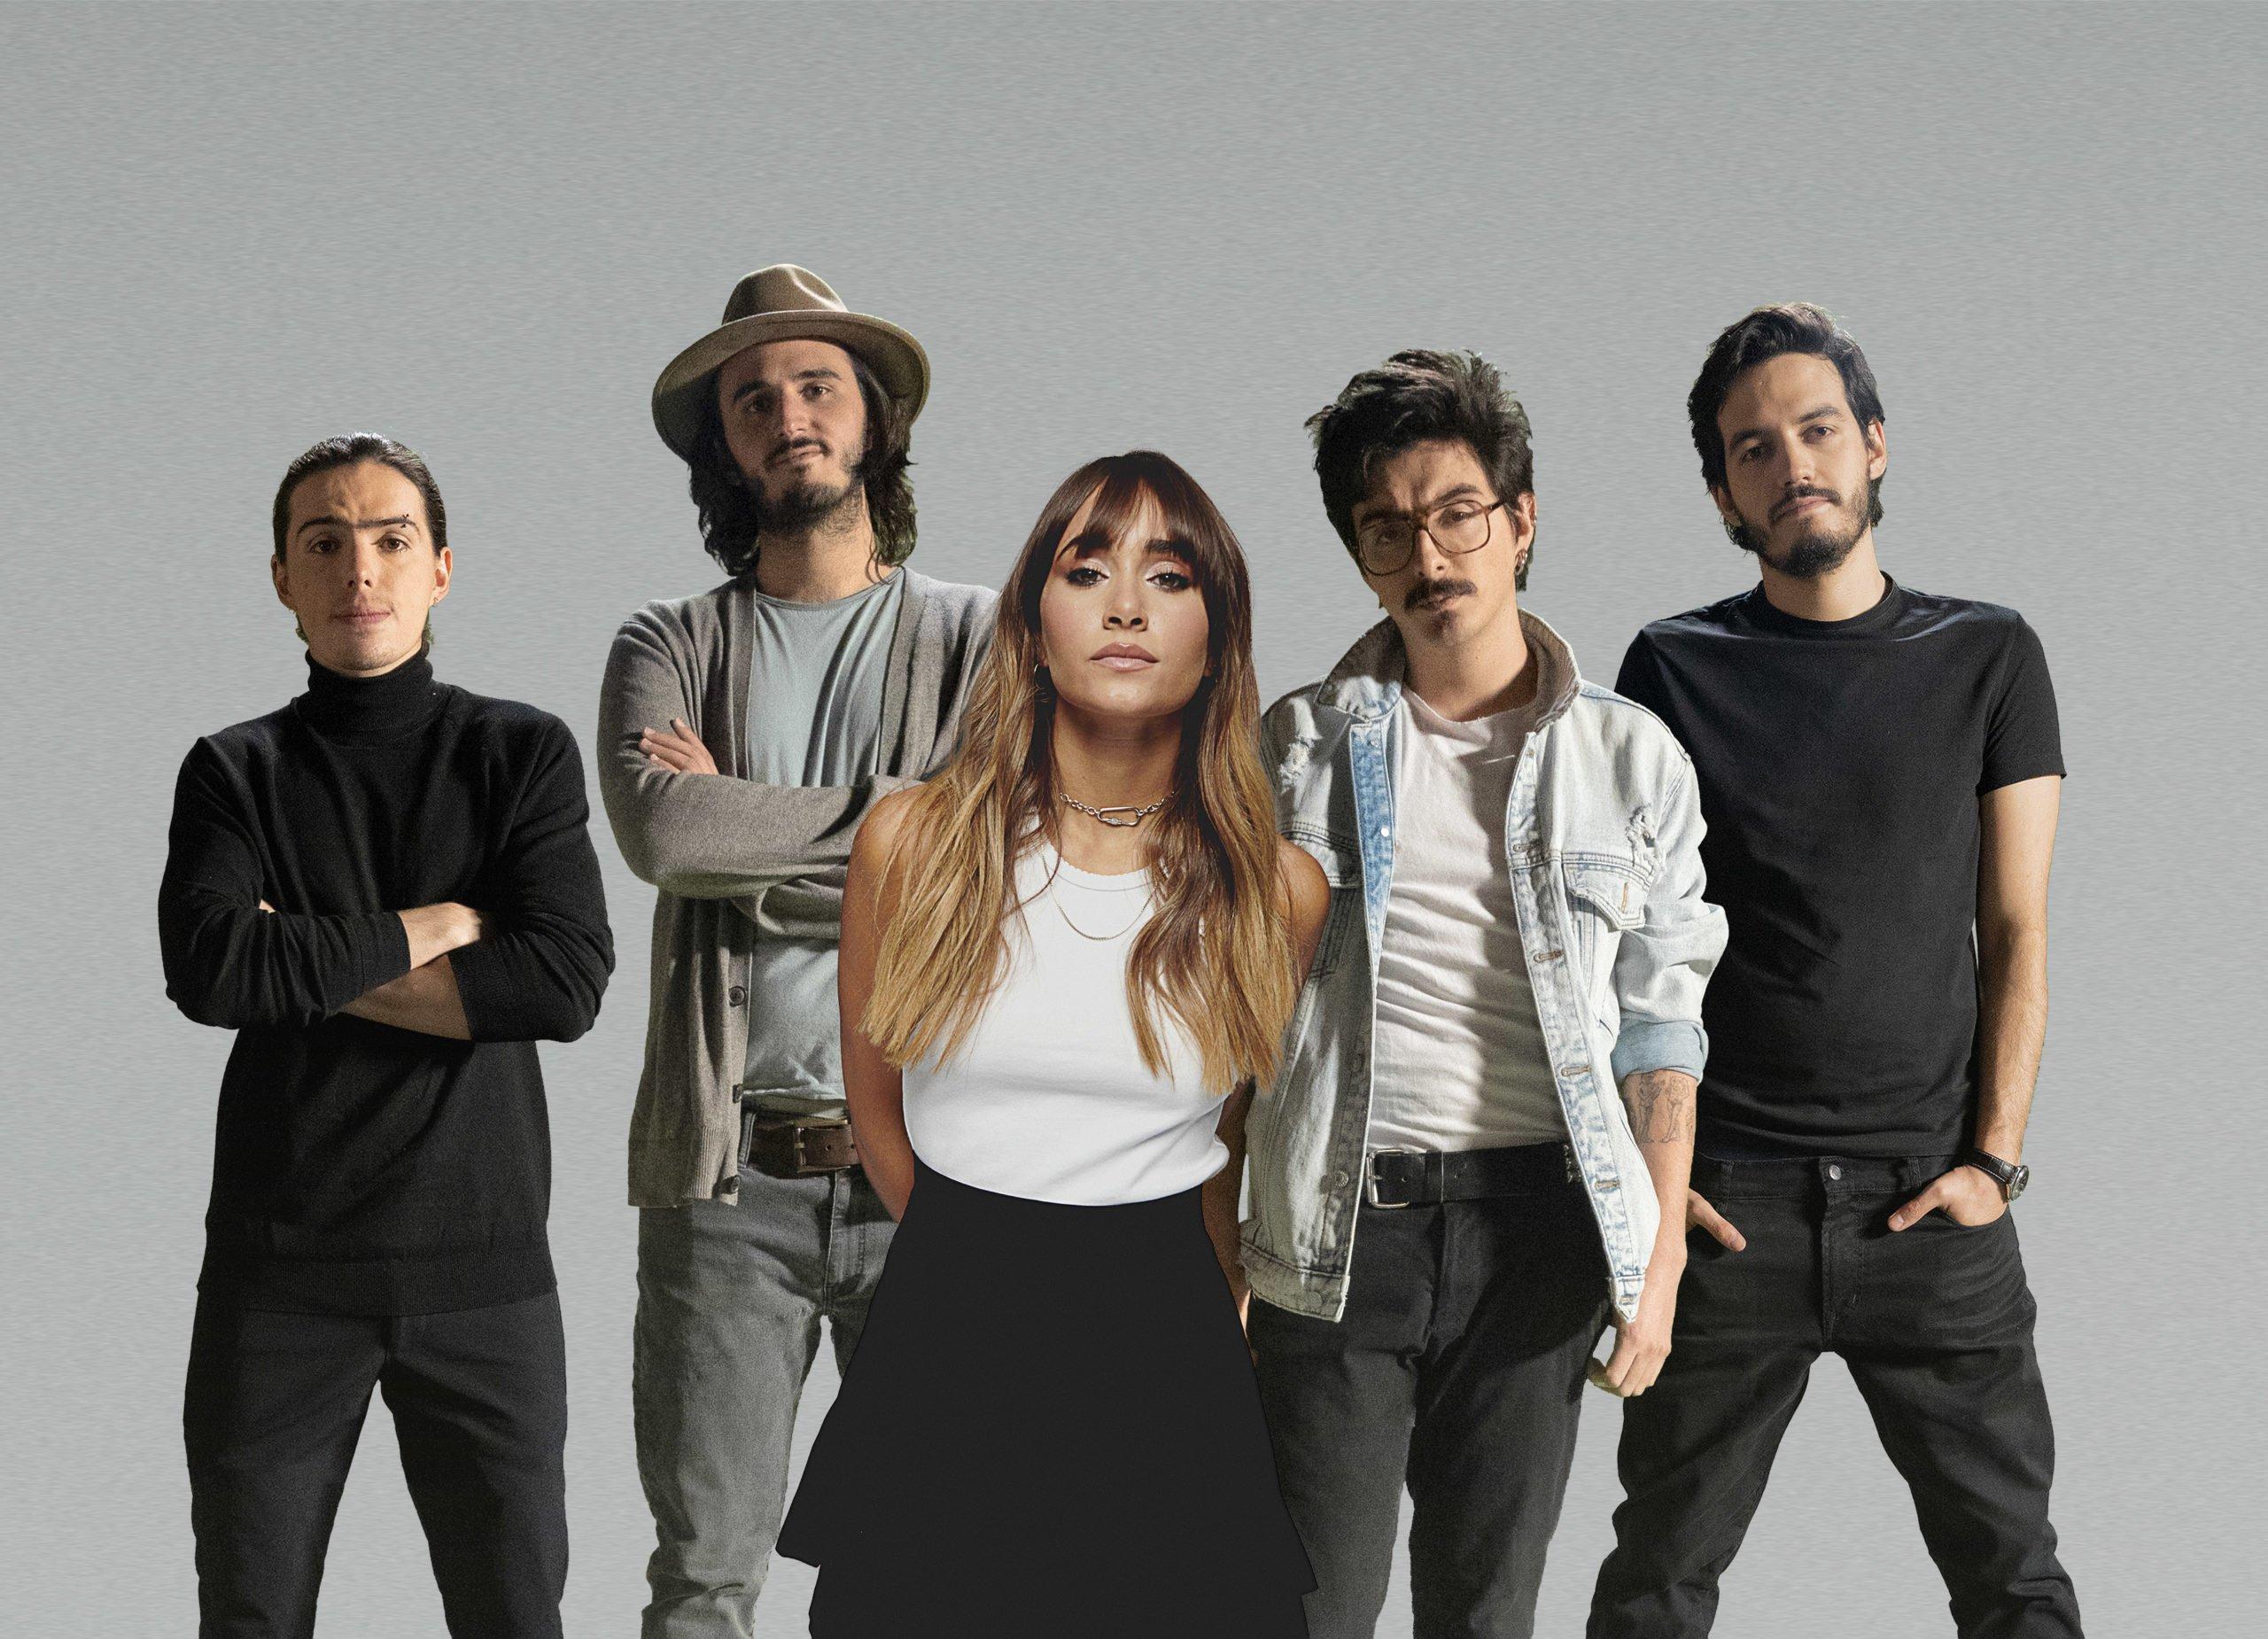 Los artistas Aitana y Morat, lanzaron su nuevo sencillo